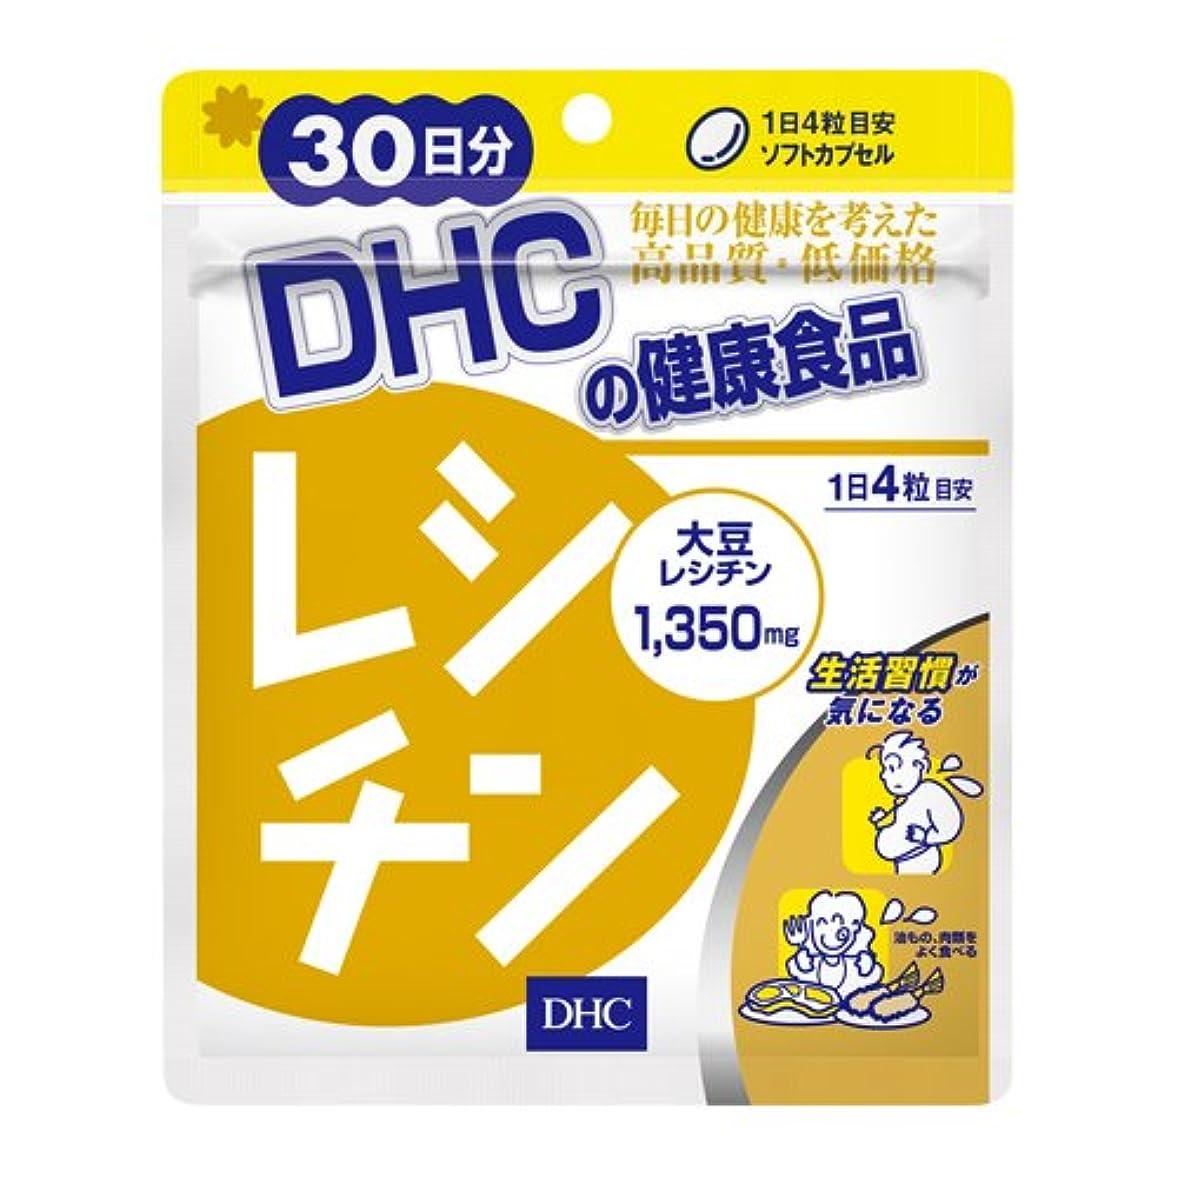 忌み嫌うエラーバウンスDHC レシチン 30日分